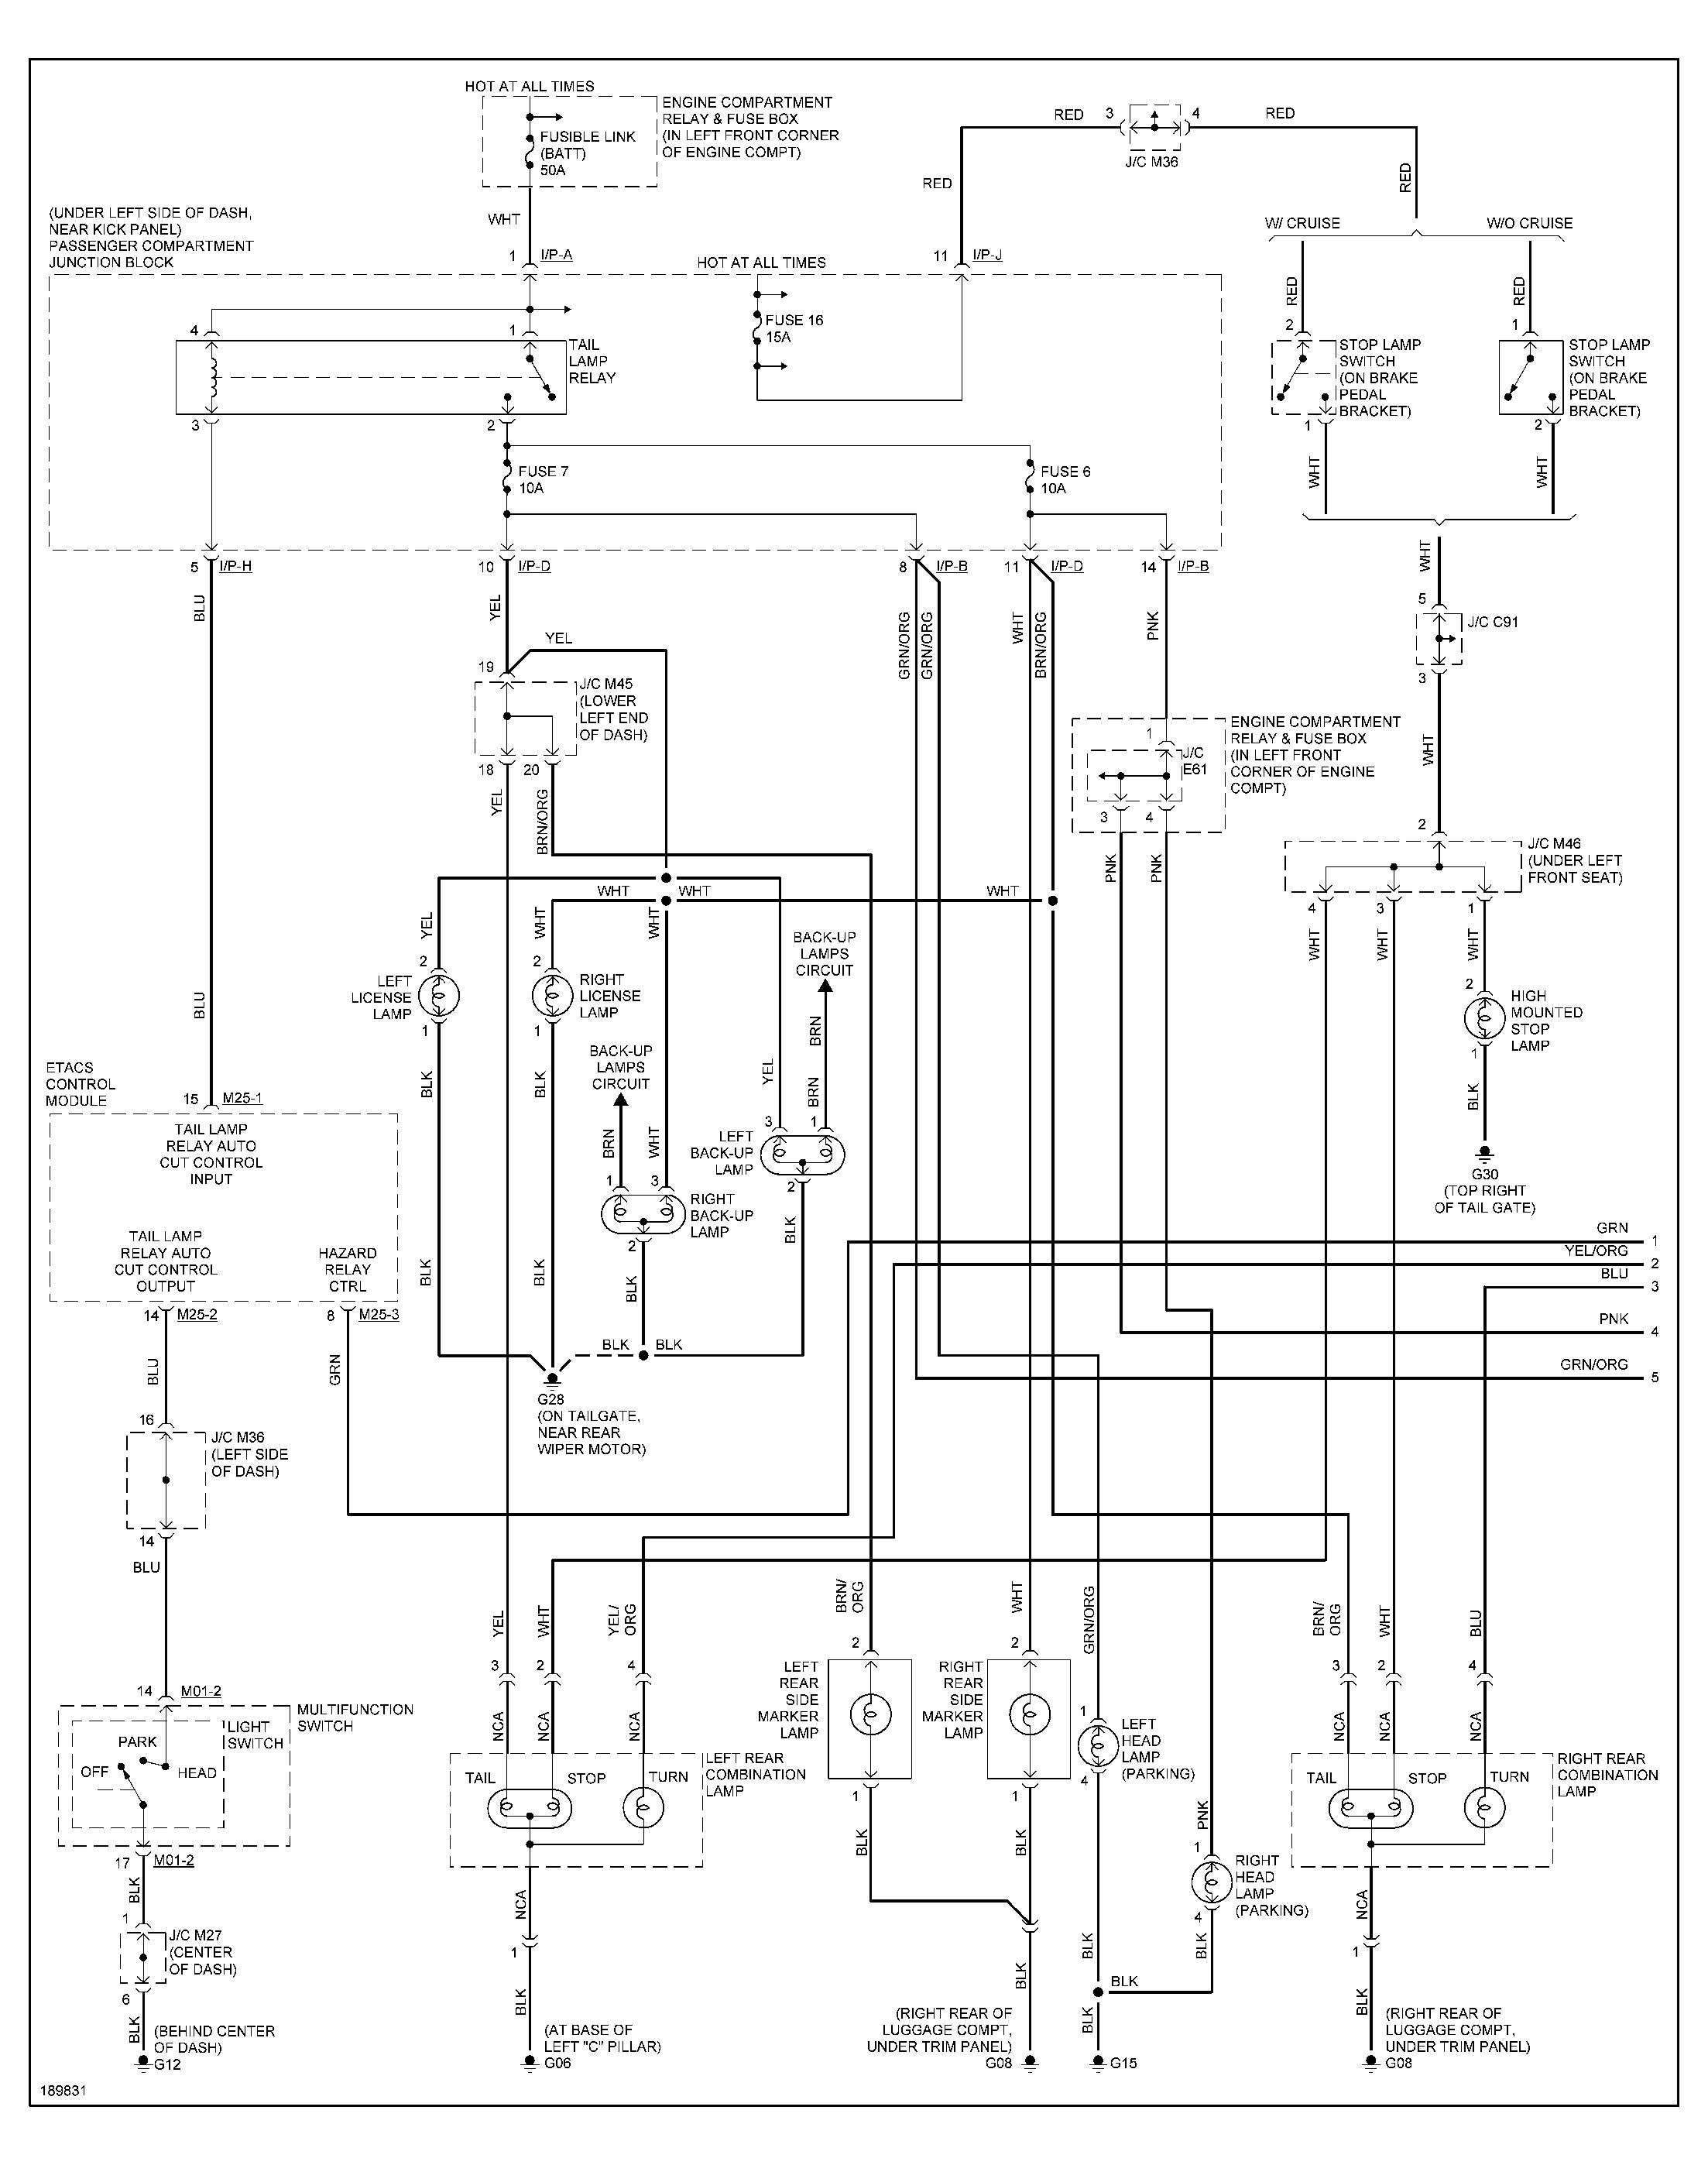 2012 Hyundai Elantra Wiring Diagram Elantra Wiring Diagrams Wiring Diagram Technic